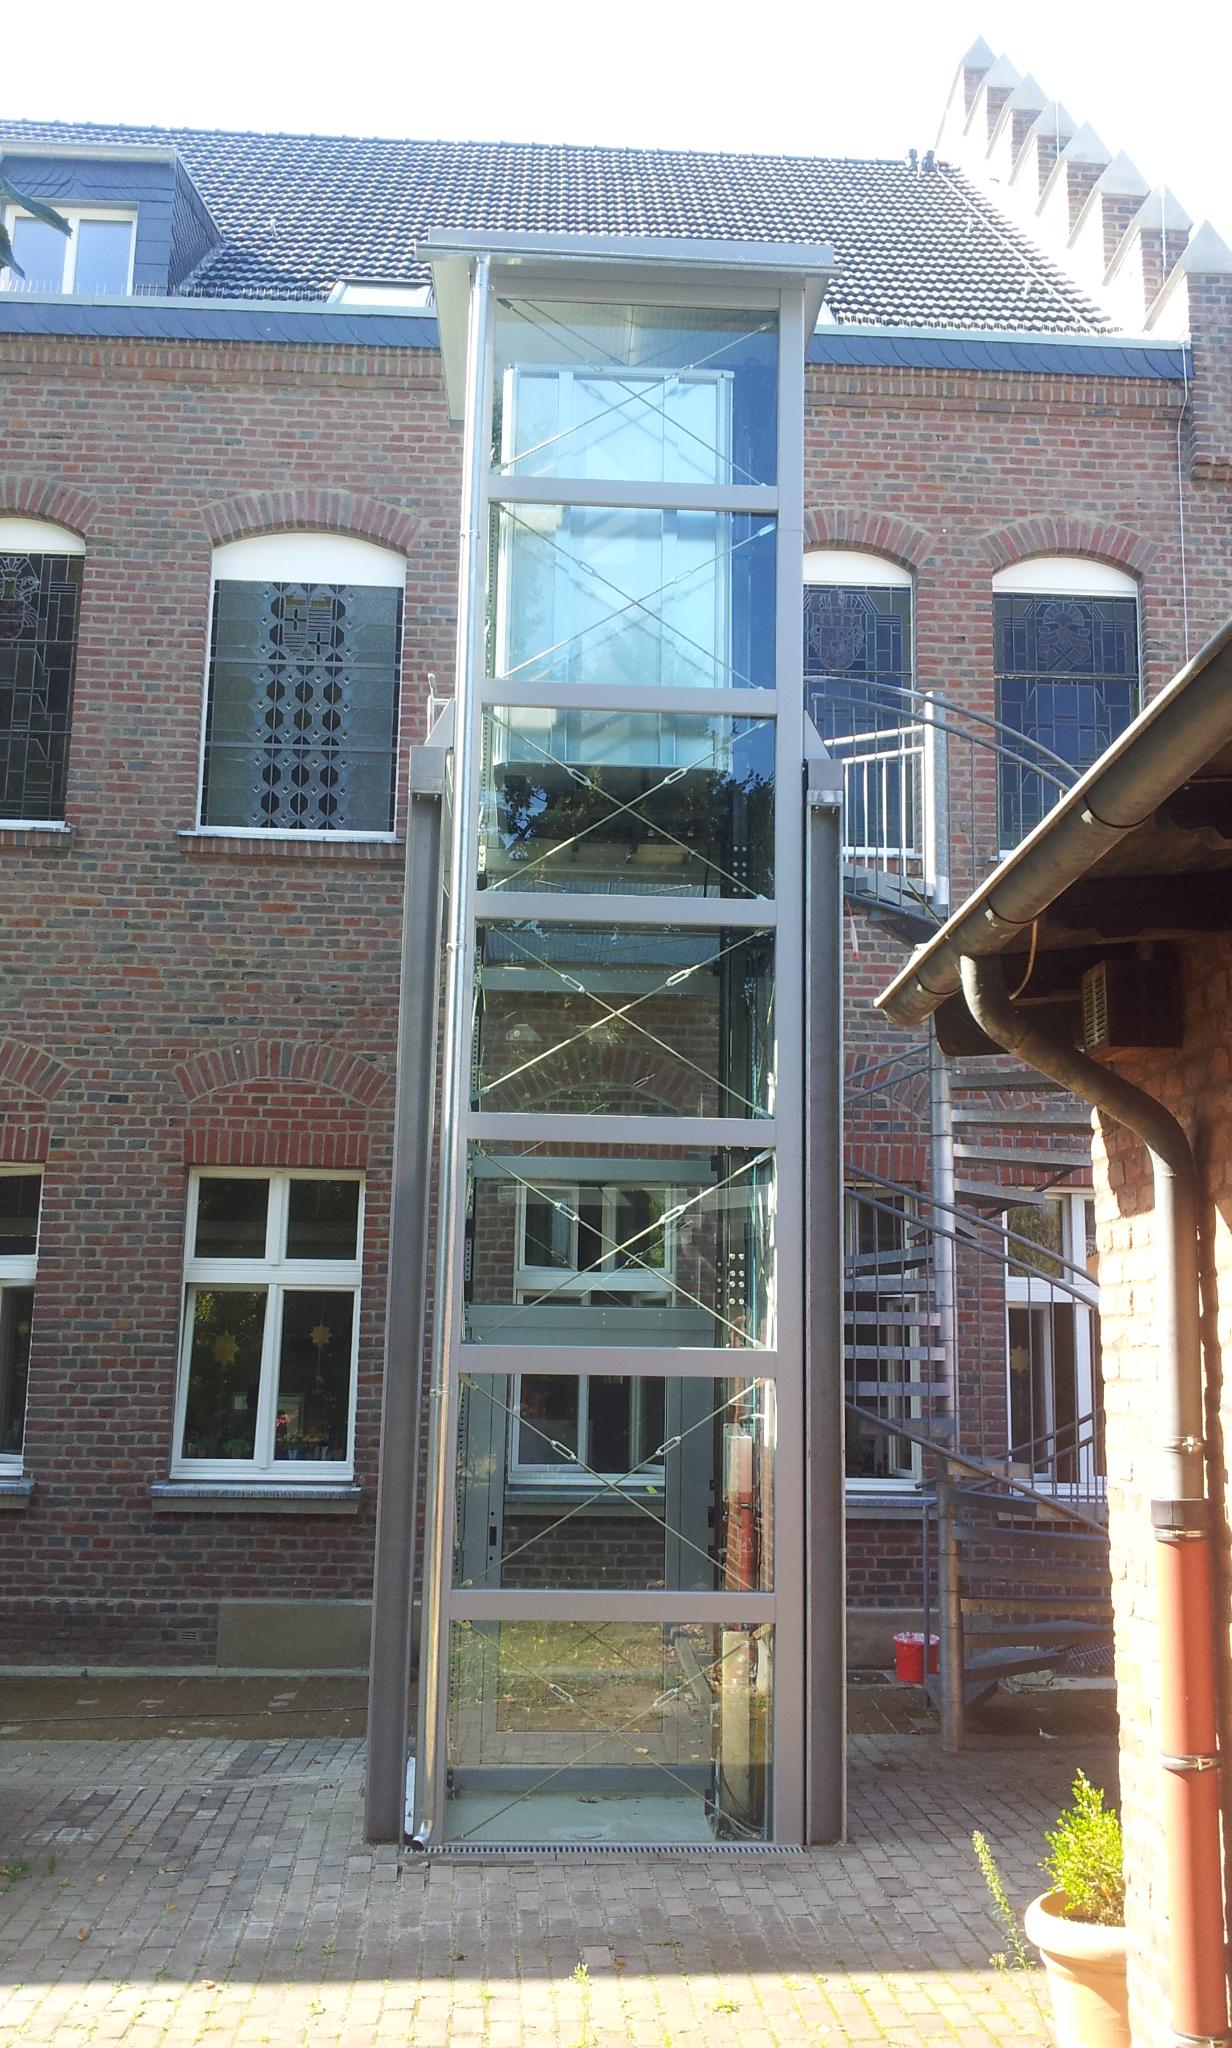 Glasaufzug vor Backsteingebäude